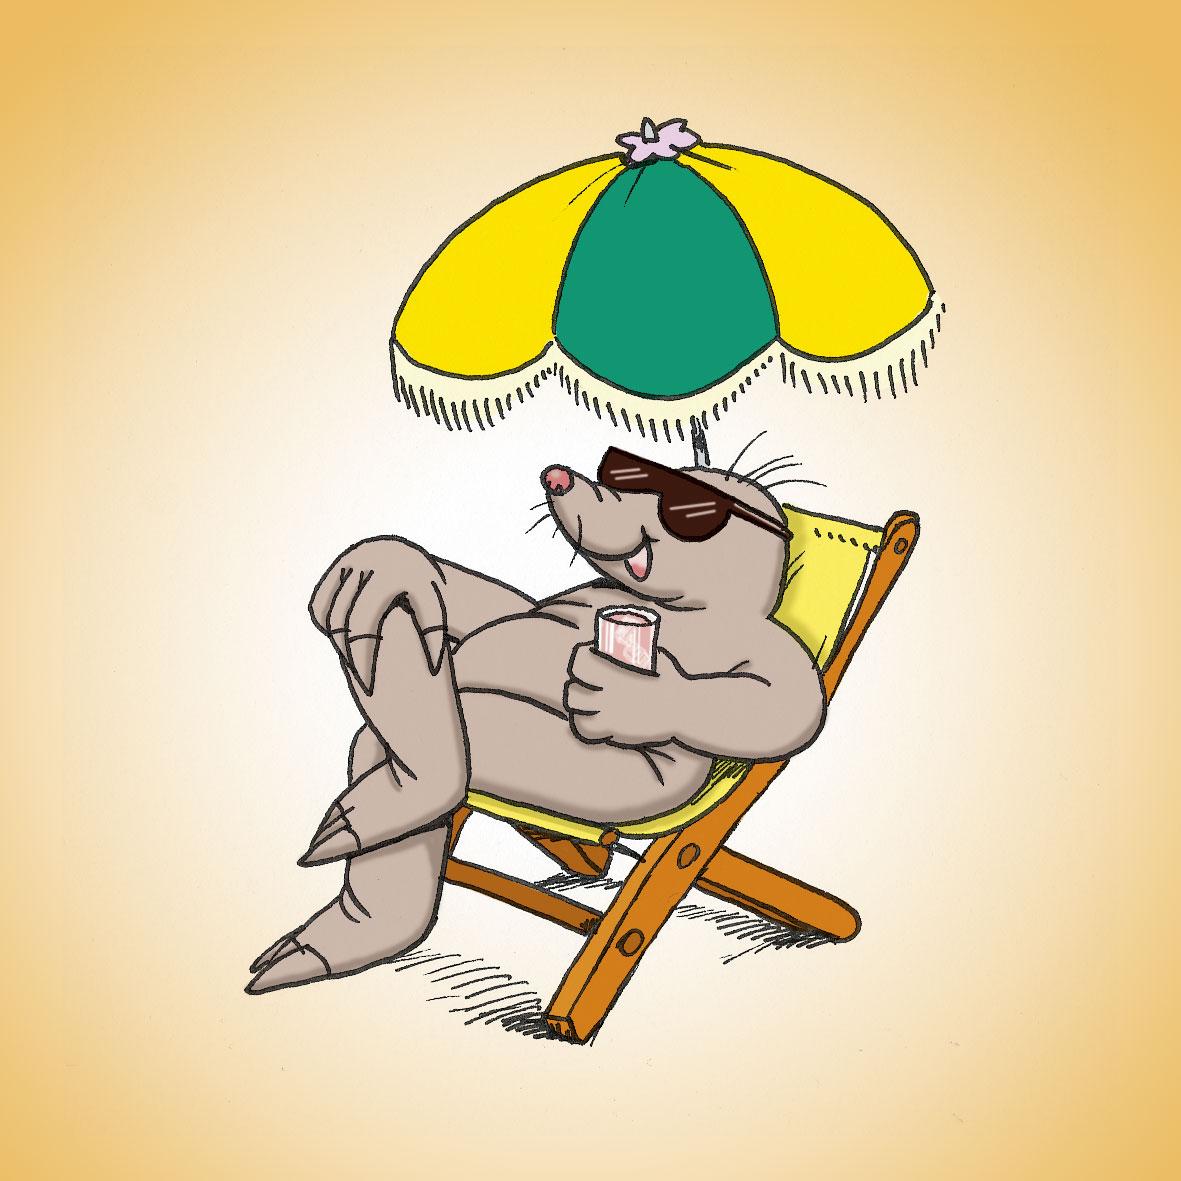 Maulwurf im Liegestuhl unterm Sonnenschirm